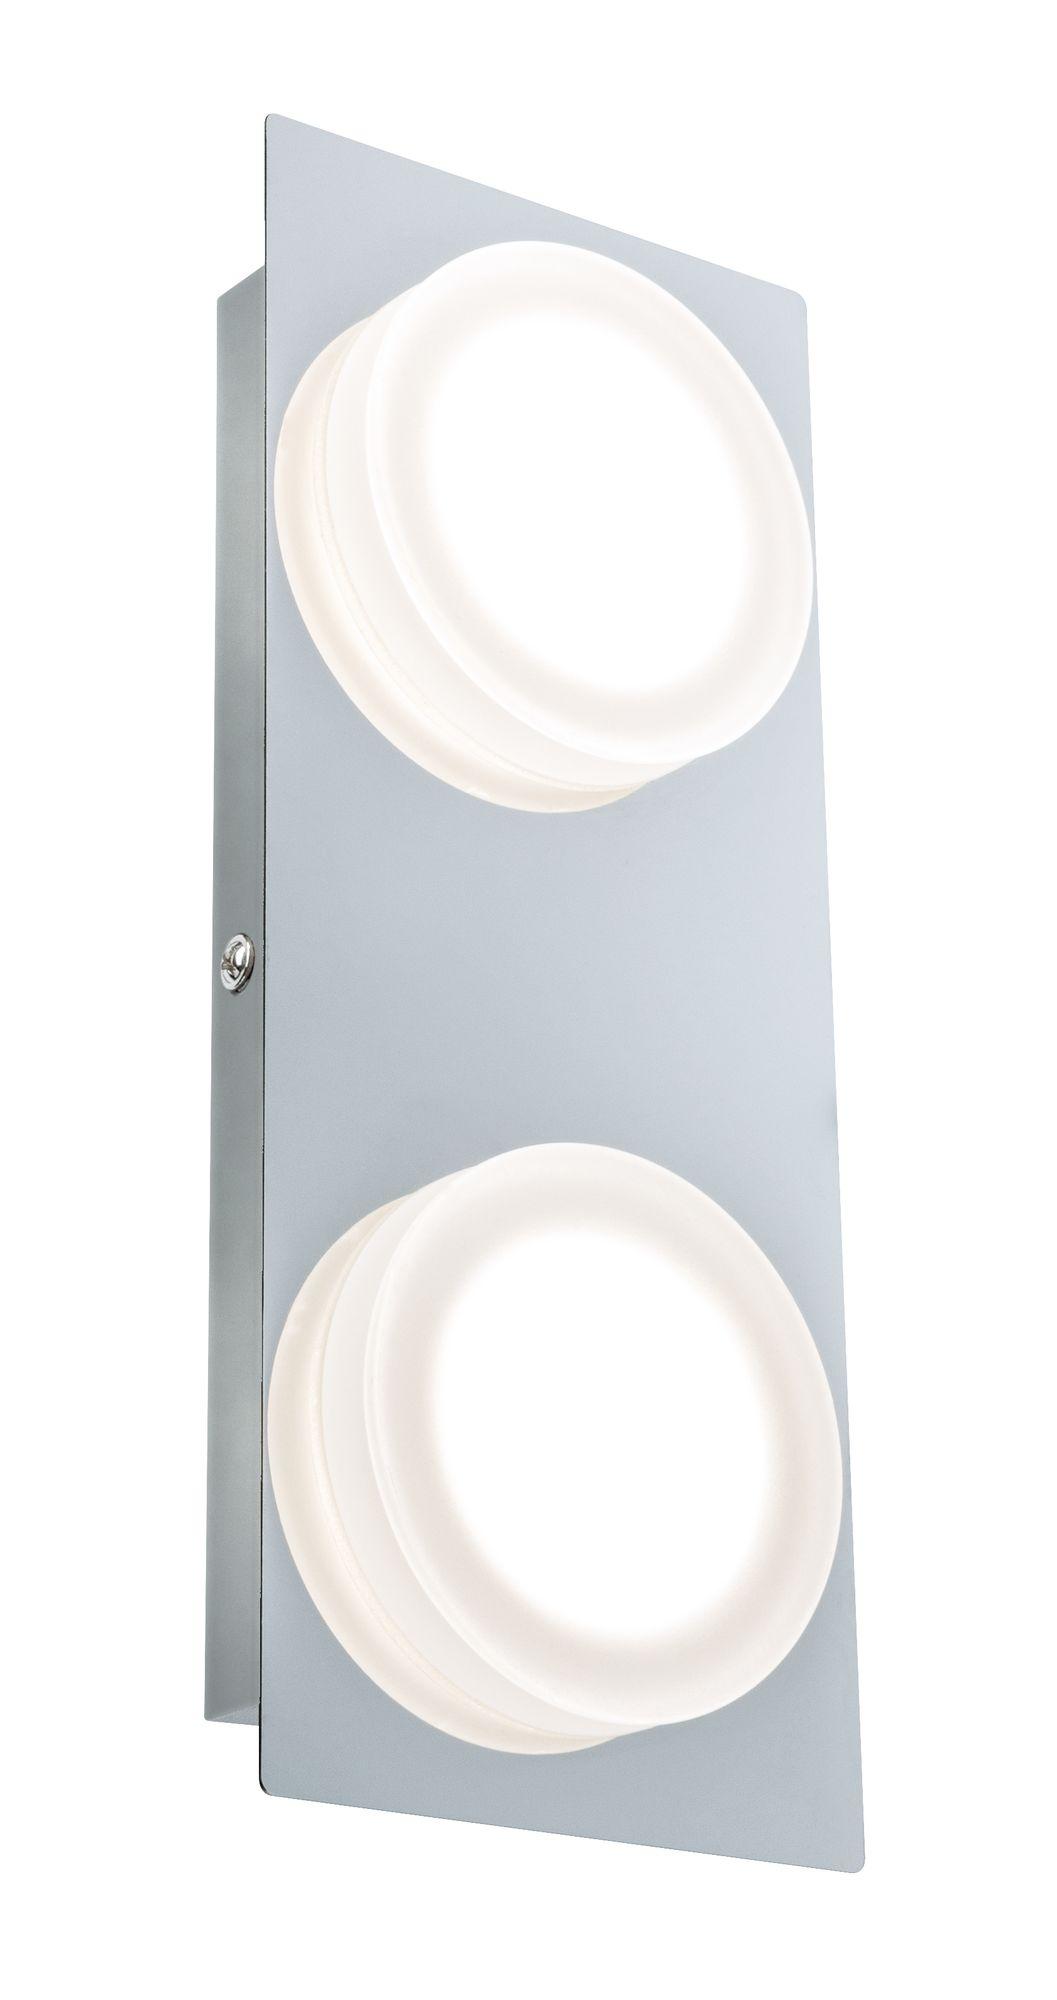 PAULMANN P 70883 koupelnové osvětlení + 5 let záruka ZDARMA!